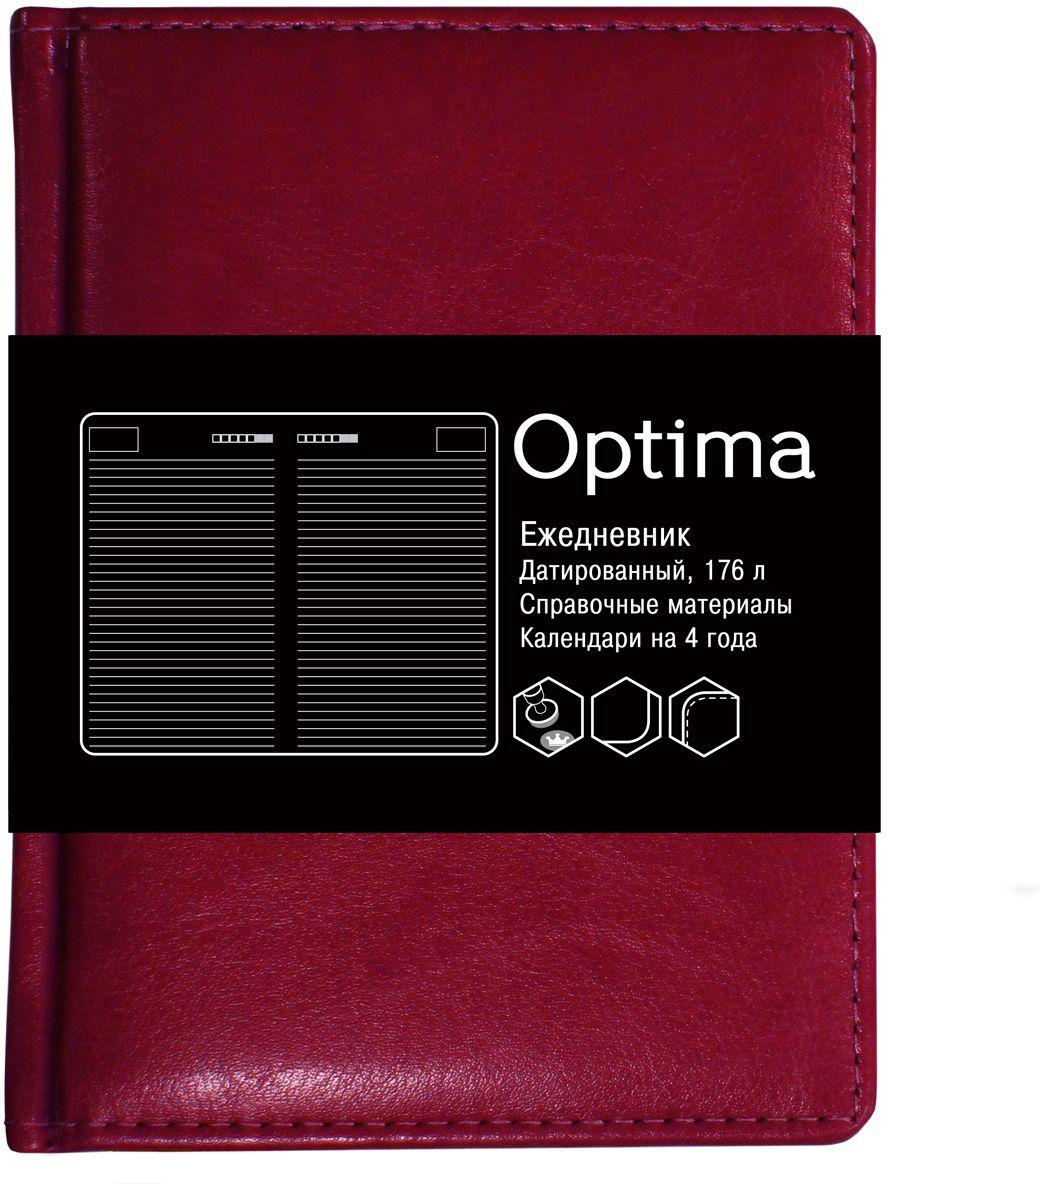 Канц-Эксмо Ежедневник Optima недатированный 136 листов цвет бордовый формат A6ЕКО61813602Недатированный ежедневник Канц-Эксмо Optima формата А6 великолепно подойдет для записей и заметок. Ежедневник имеет сшитый внутренний блок из белой офсетной бумаги плотностью 60гр/м2 с разметкой в линейку и закругленными углами. Обложка выполнена из высококачественной искусственной кожи, уплотненной поролоном. Изделие дополнено справочными материалами и календарями на 4 года.